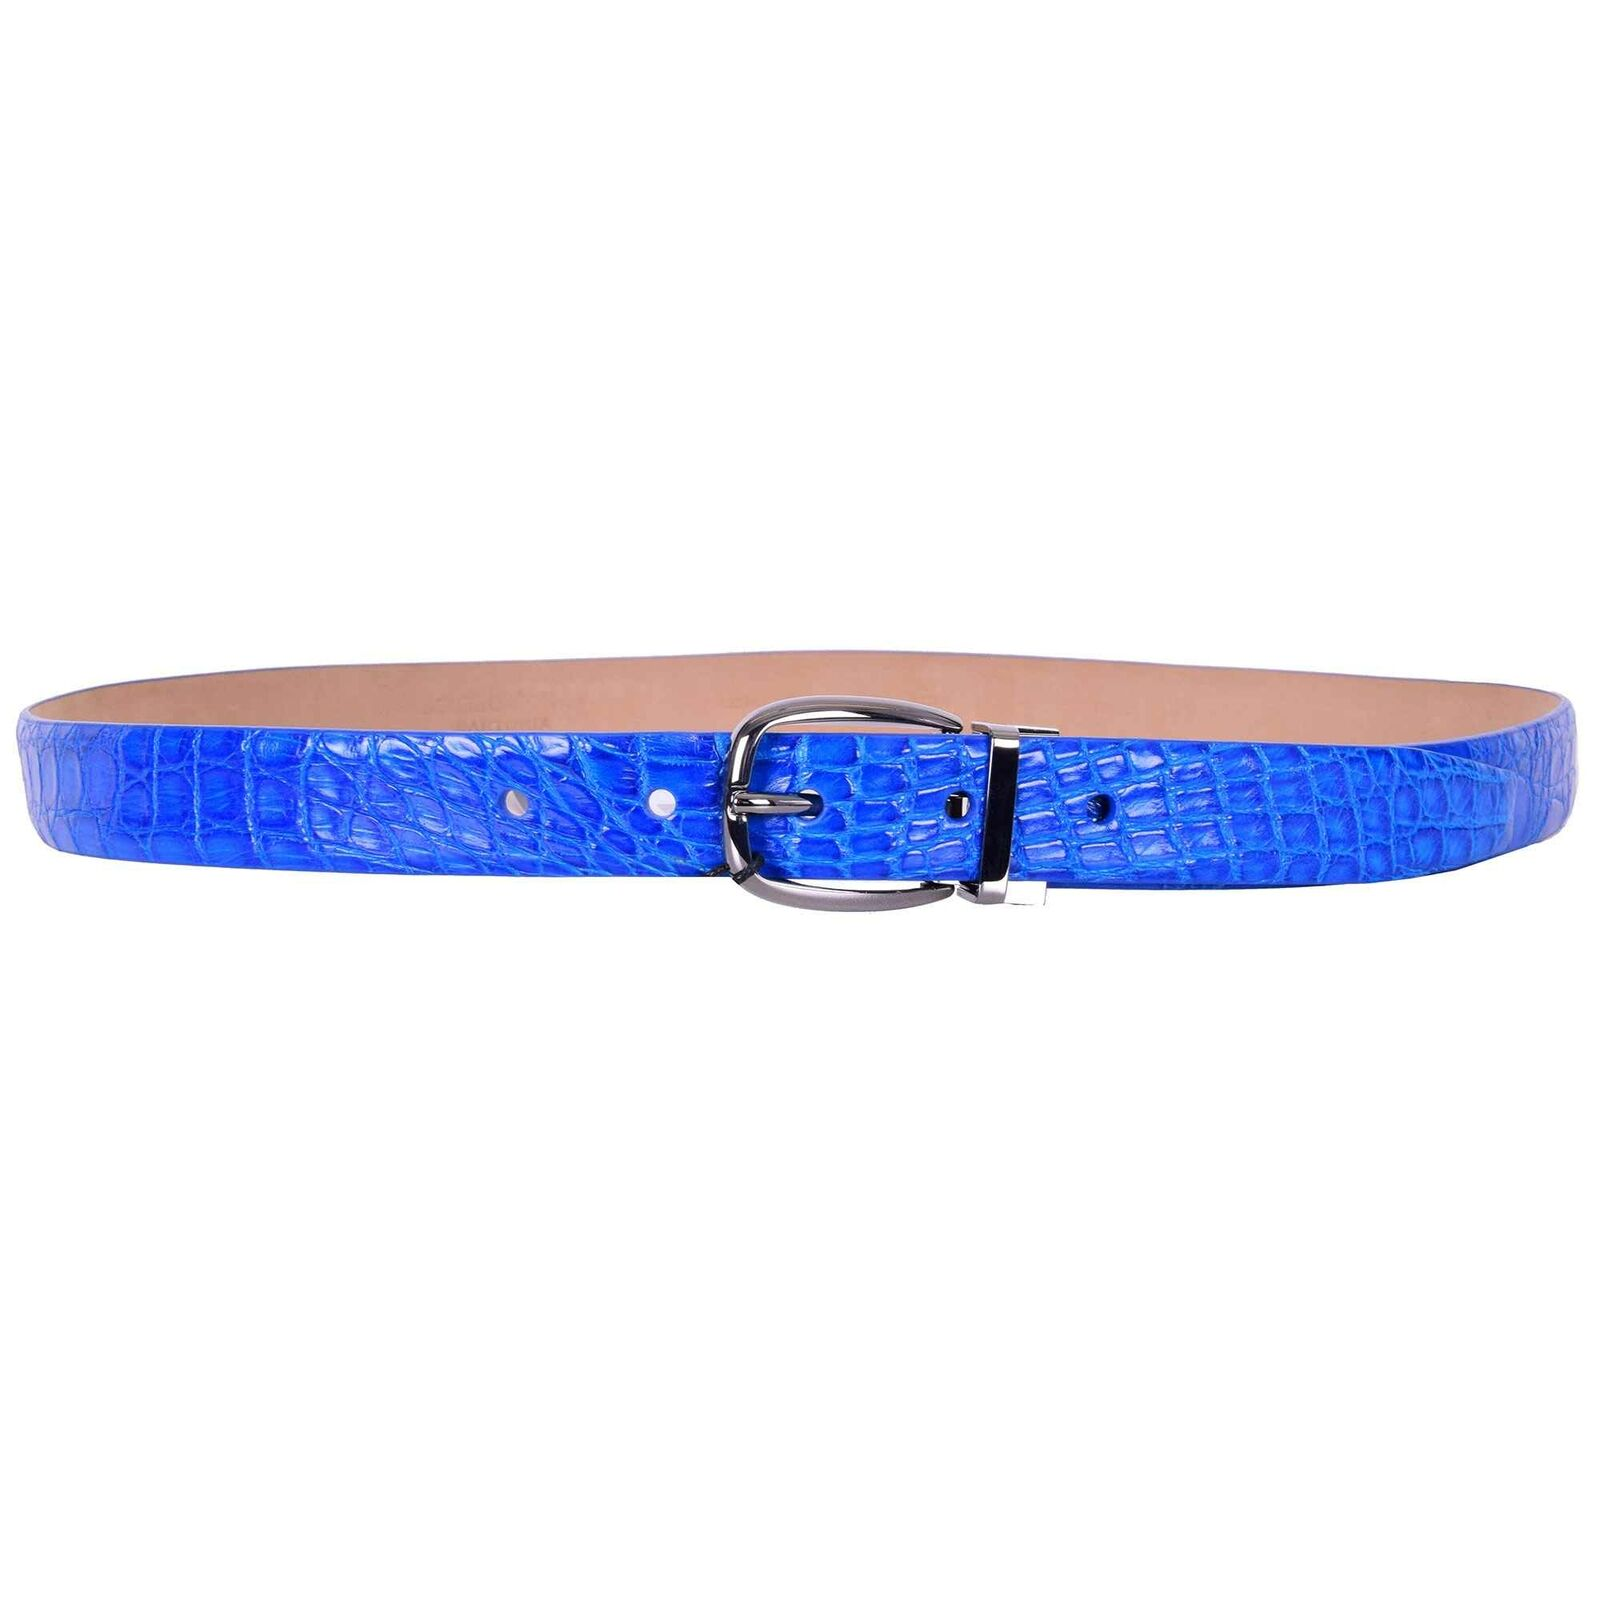 DOLCE & GABBANA SARTORIA Gürtel aus Kaiman Krokodilleder Blau Schnalle 07421